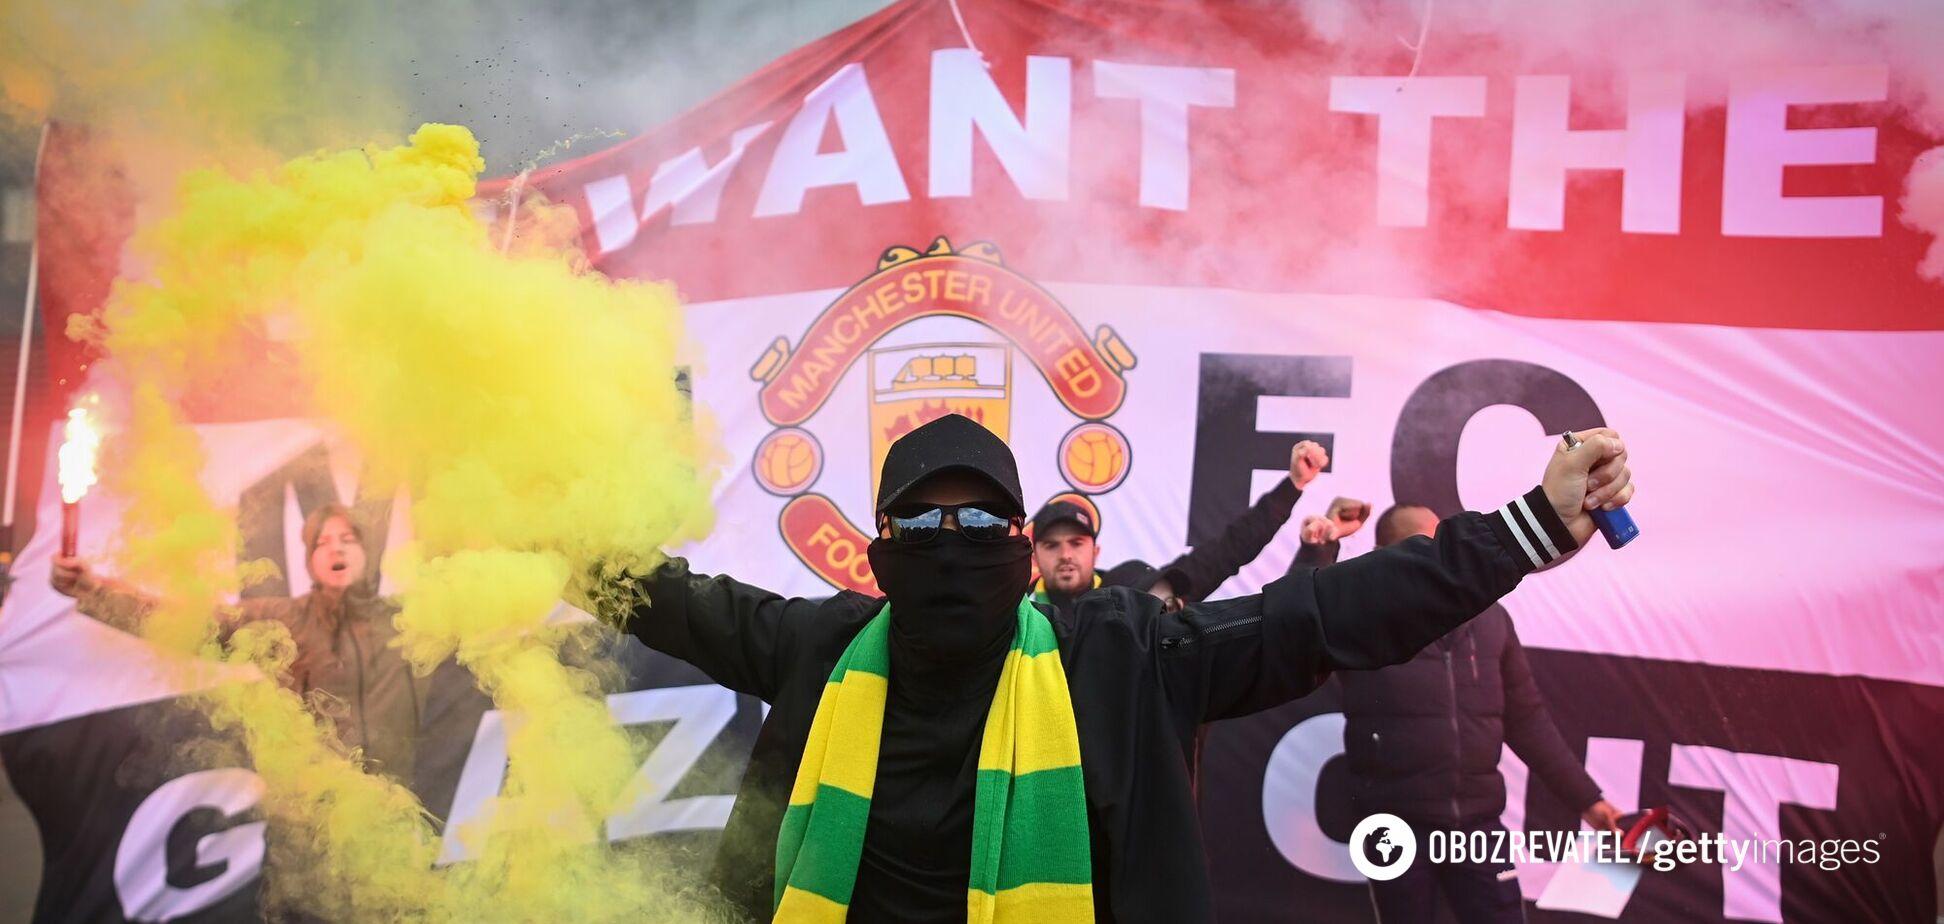 Фанат 'Манчестер Юнайтед'